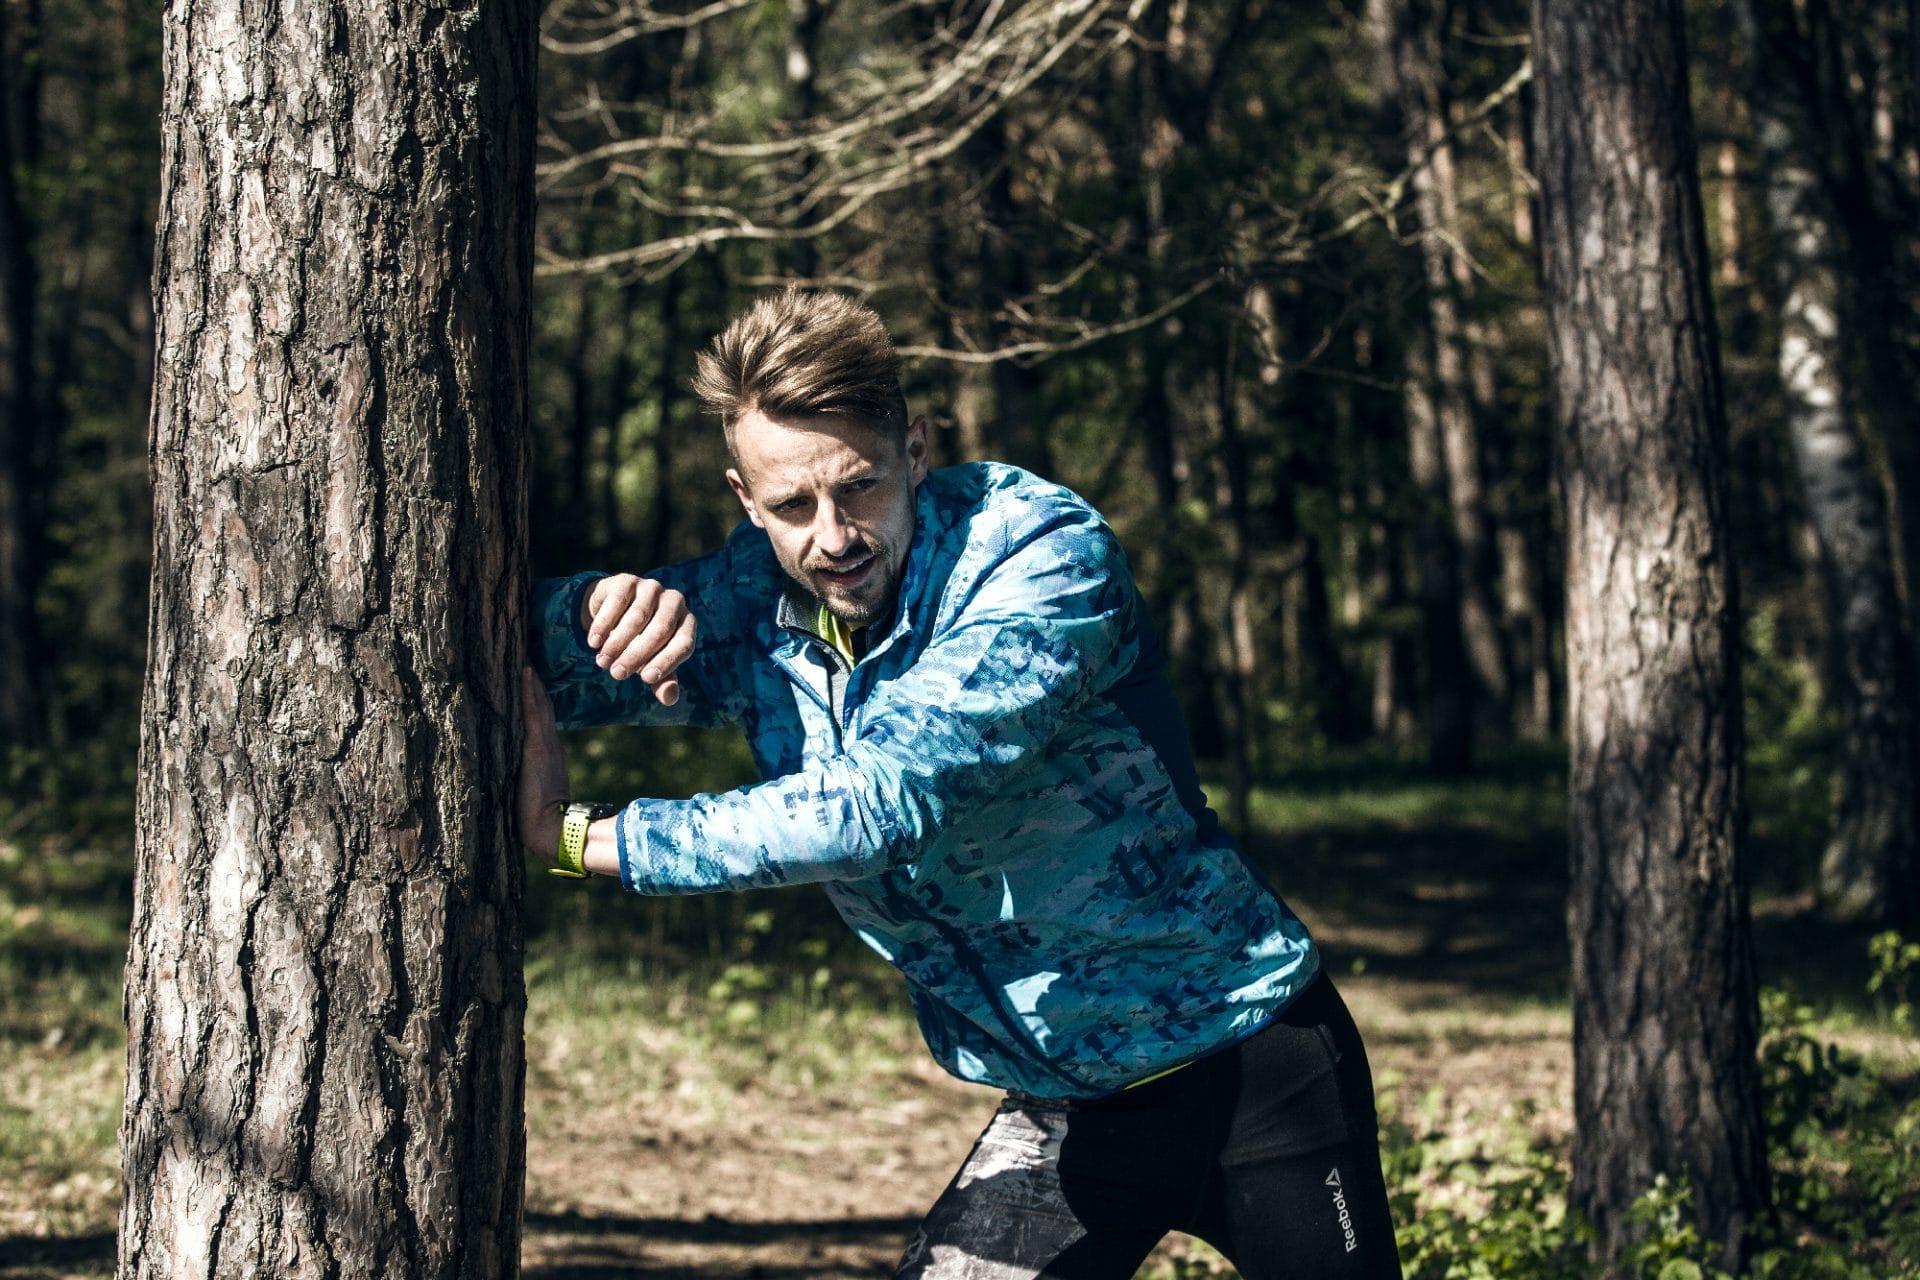 Kaip Kvėpuoti Bėgant: šono dūrimas, kvėpavimo dažnis ir kt..